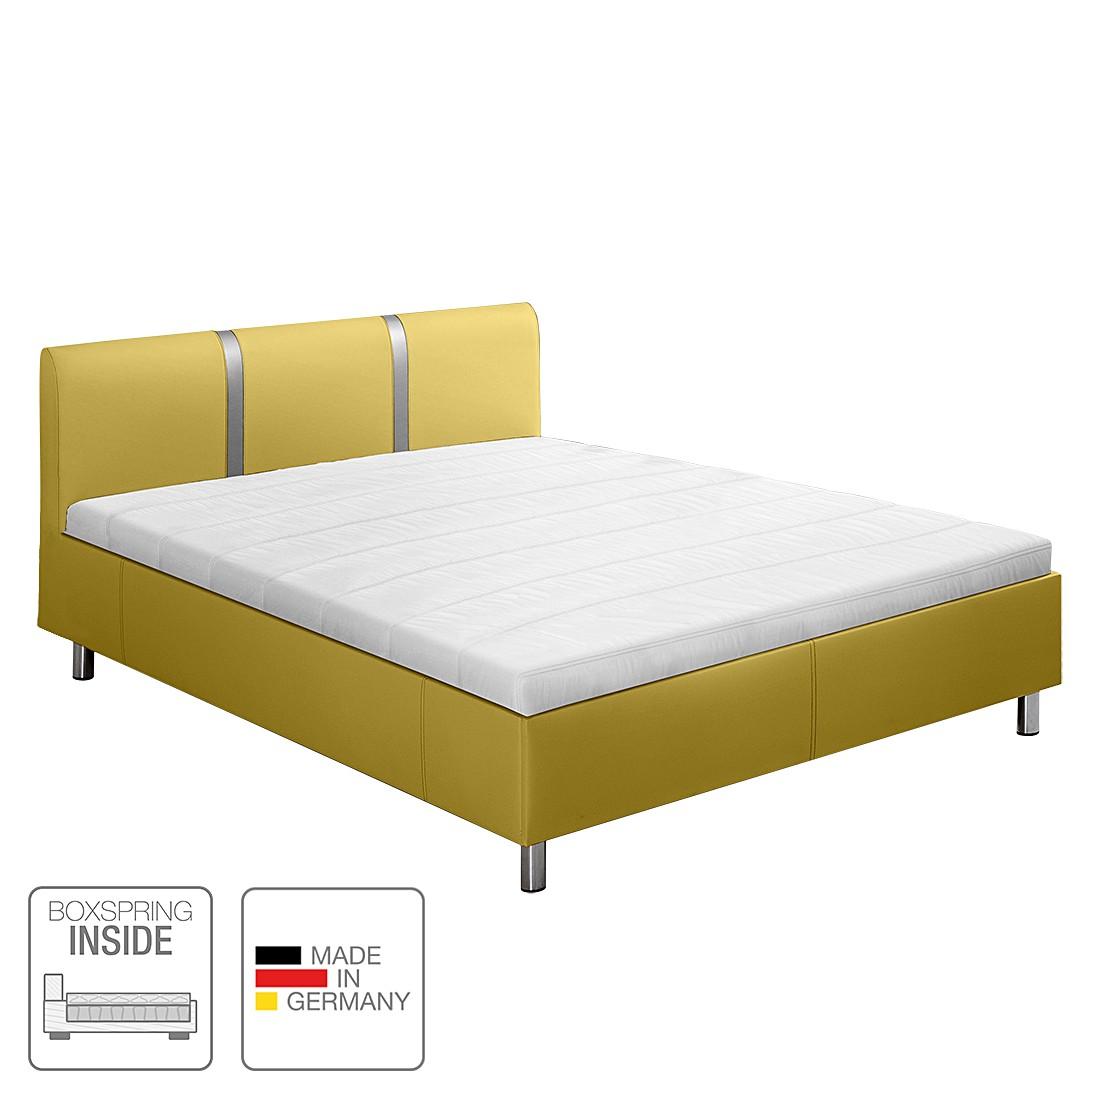 bis pocketveringmatras sleepline geel artikelen online kopen altijd de laatste. Black Bedroom Furniture Sets. Home Design Ideas